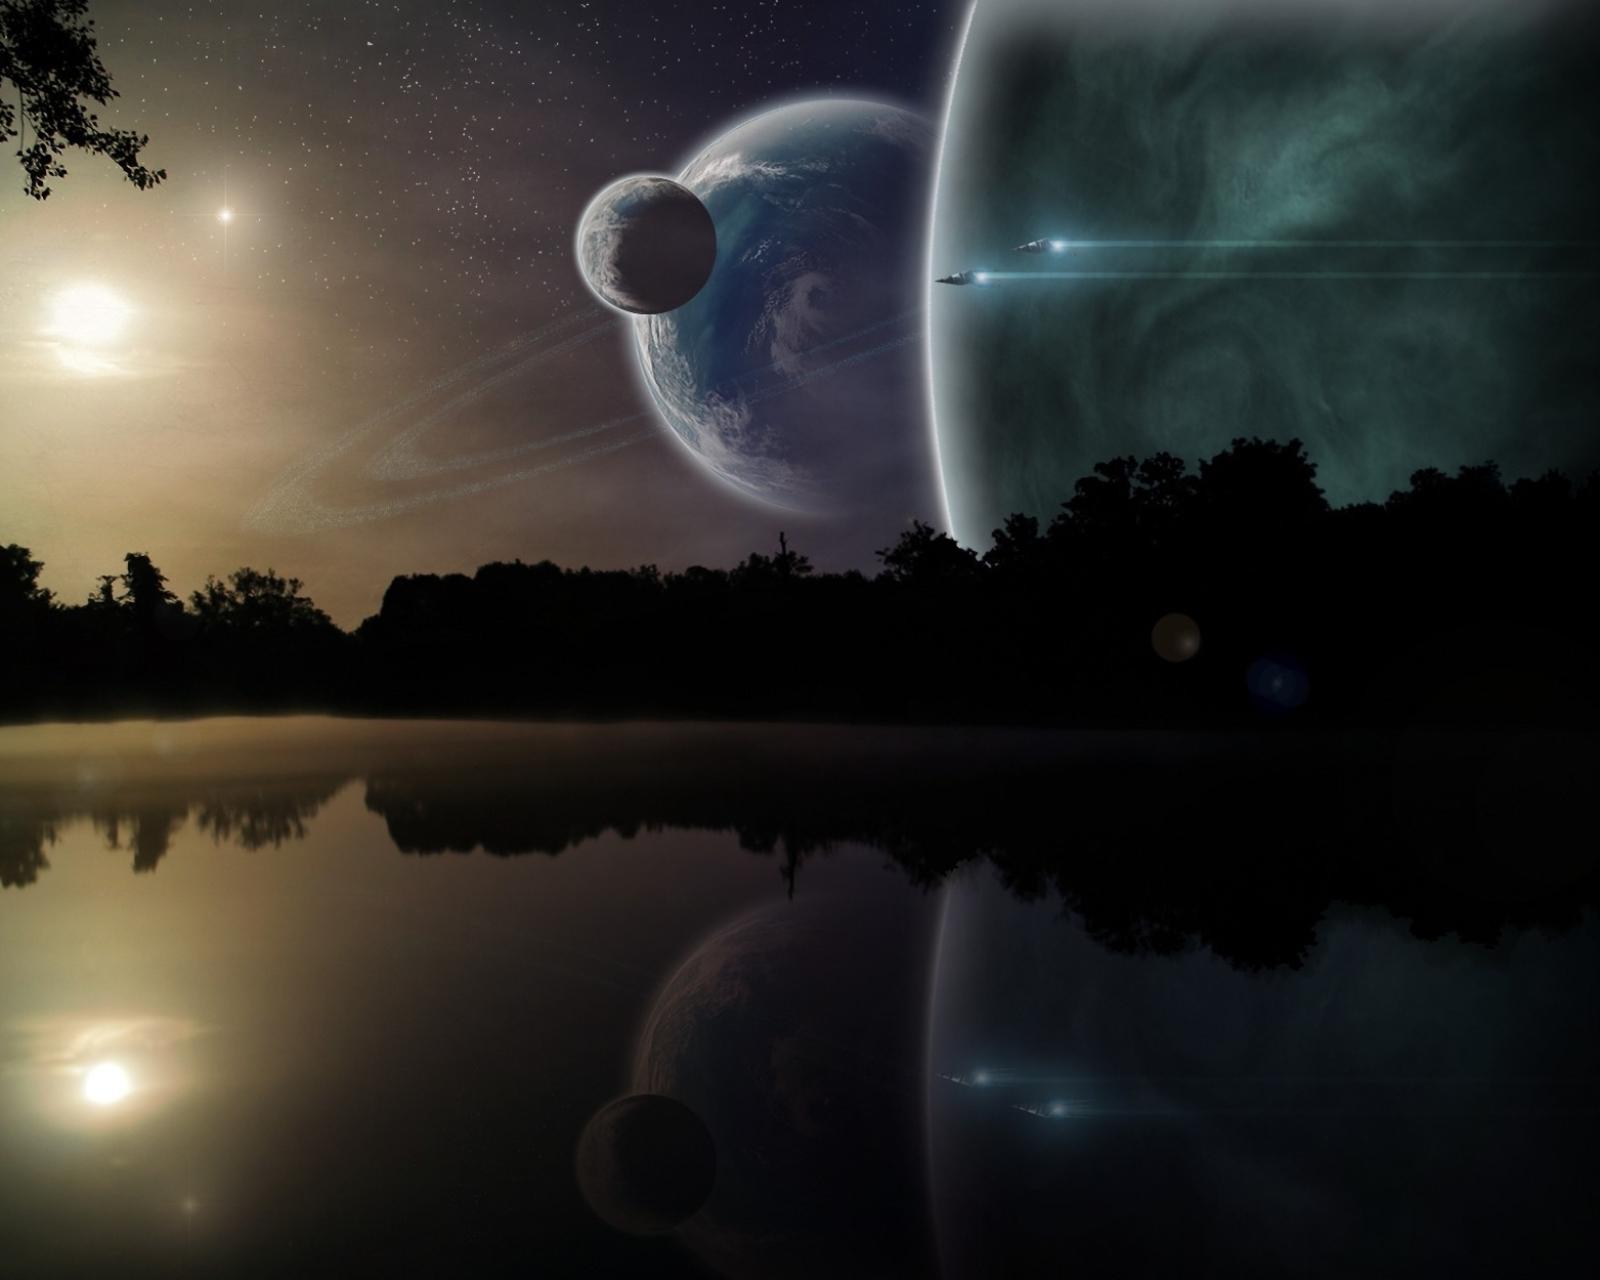 Sci Fi Landscape 1600x1280 Mobile Wallpaper